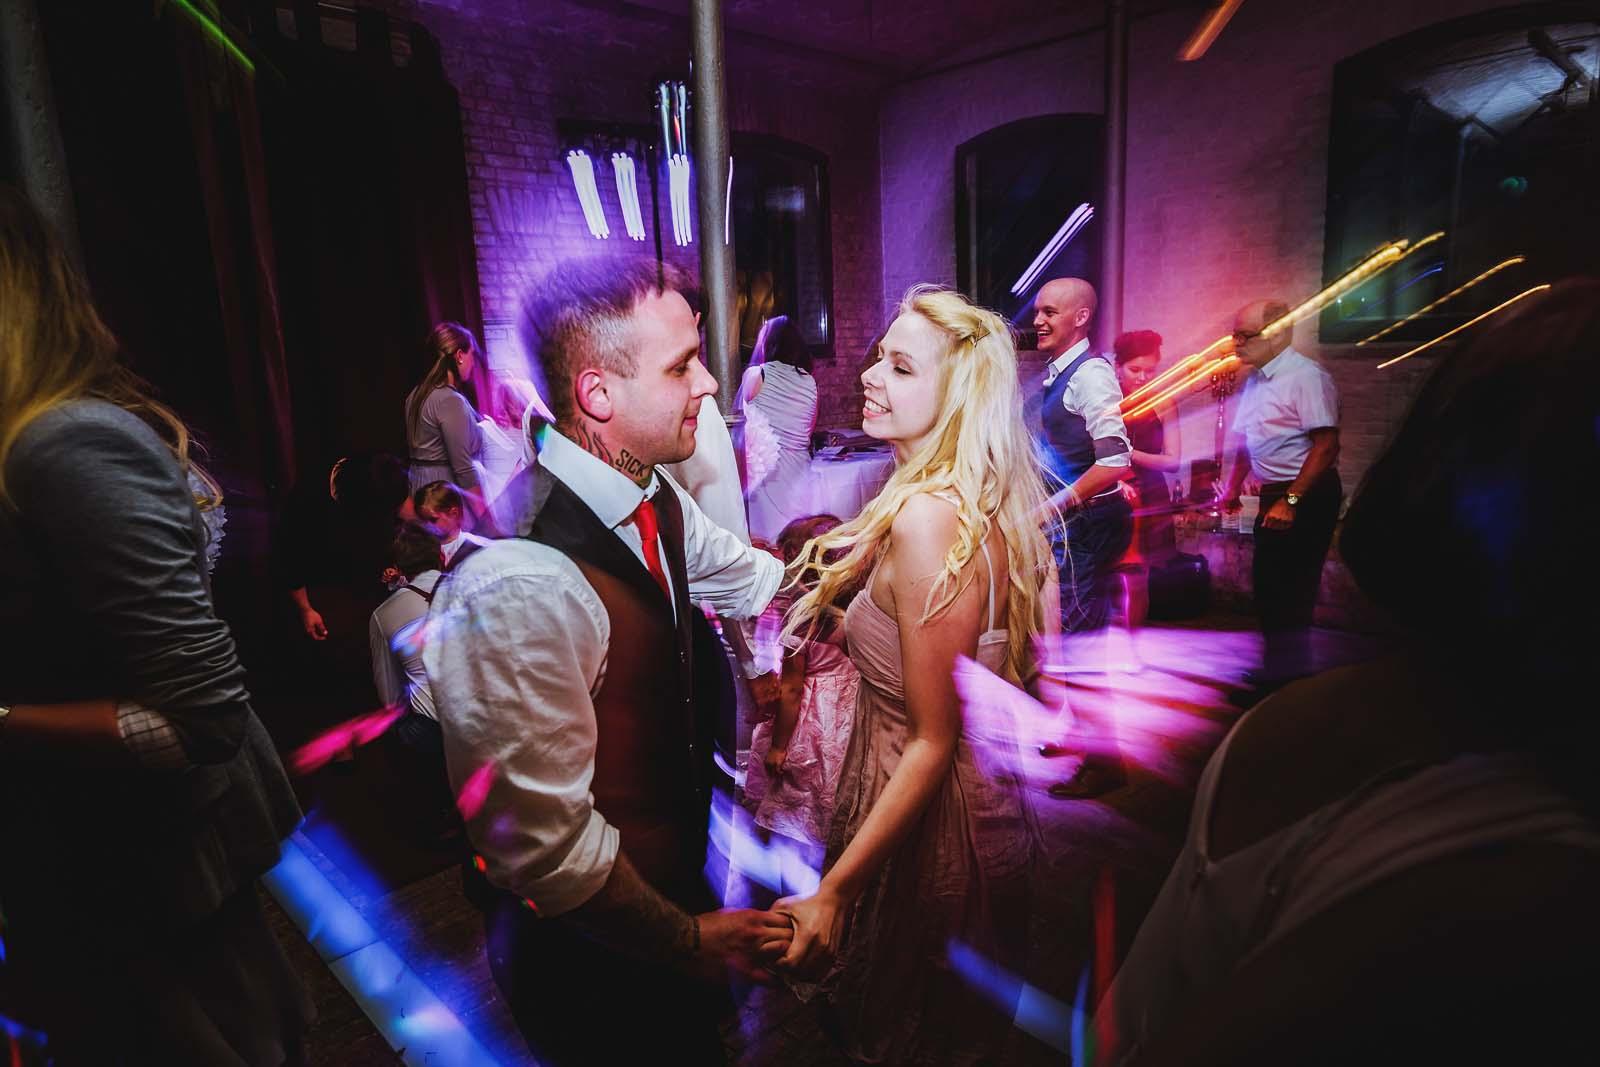 Hochzeitsreportage am Abend zeigt tanzende Gaeste Copyright by Hochzeitsfotograf www.berliner-hochzeitsfotografie.de